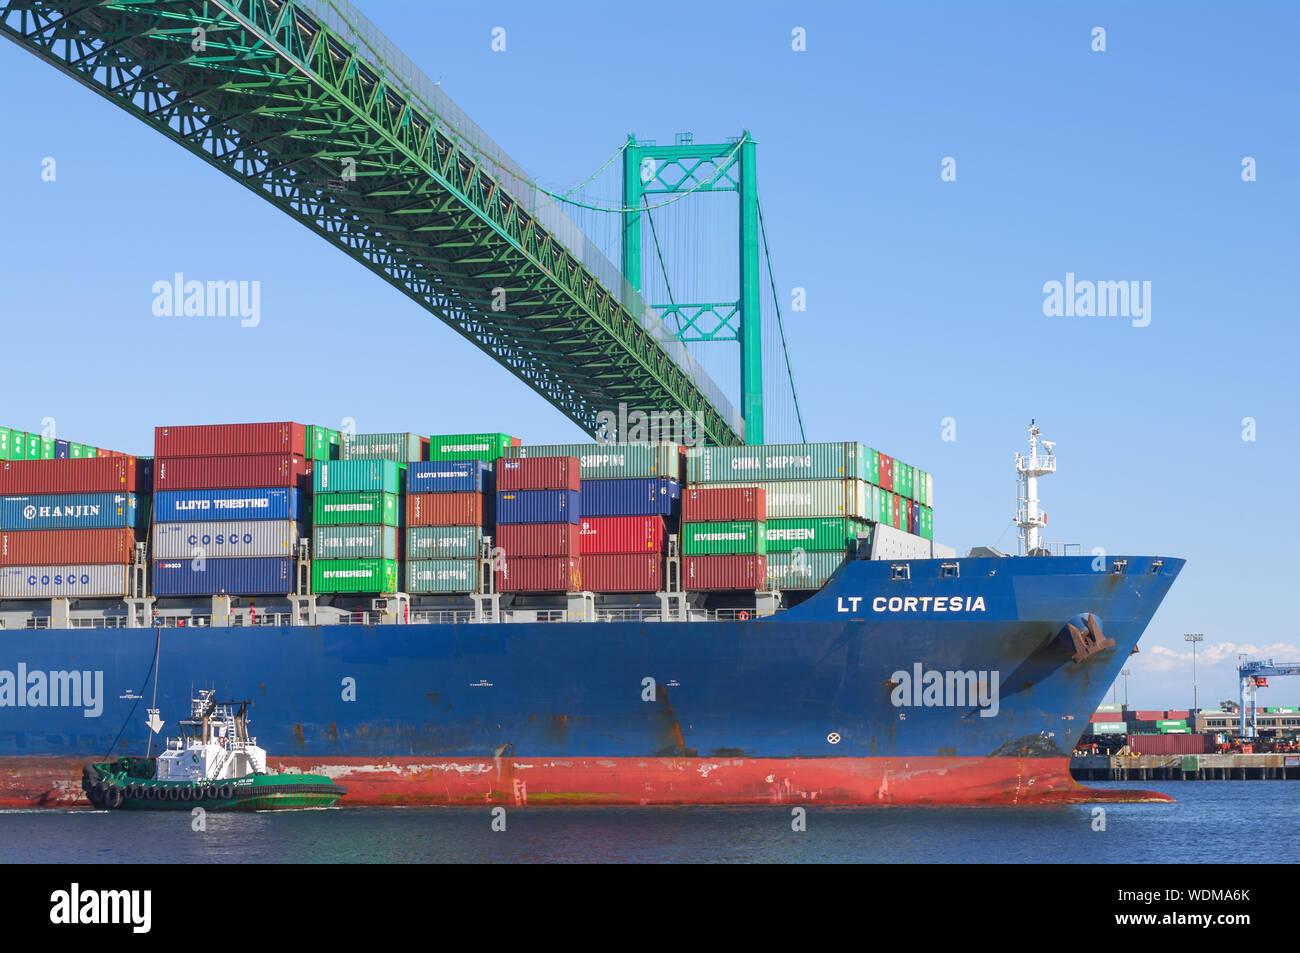 Imagen que muestra la LT Cortesia buque portacontenedores que parten del Puerto de Los Angeles. Foto de stock